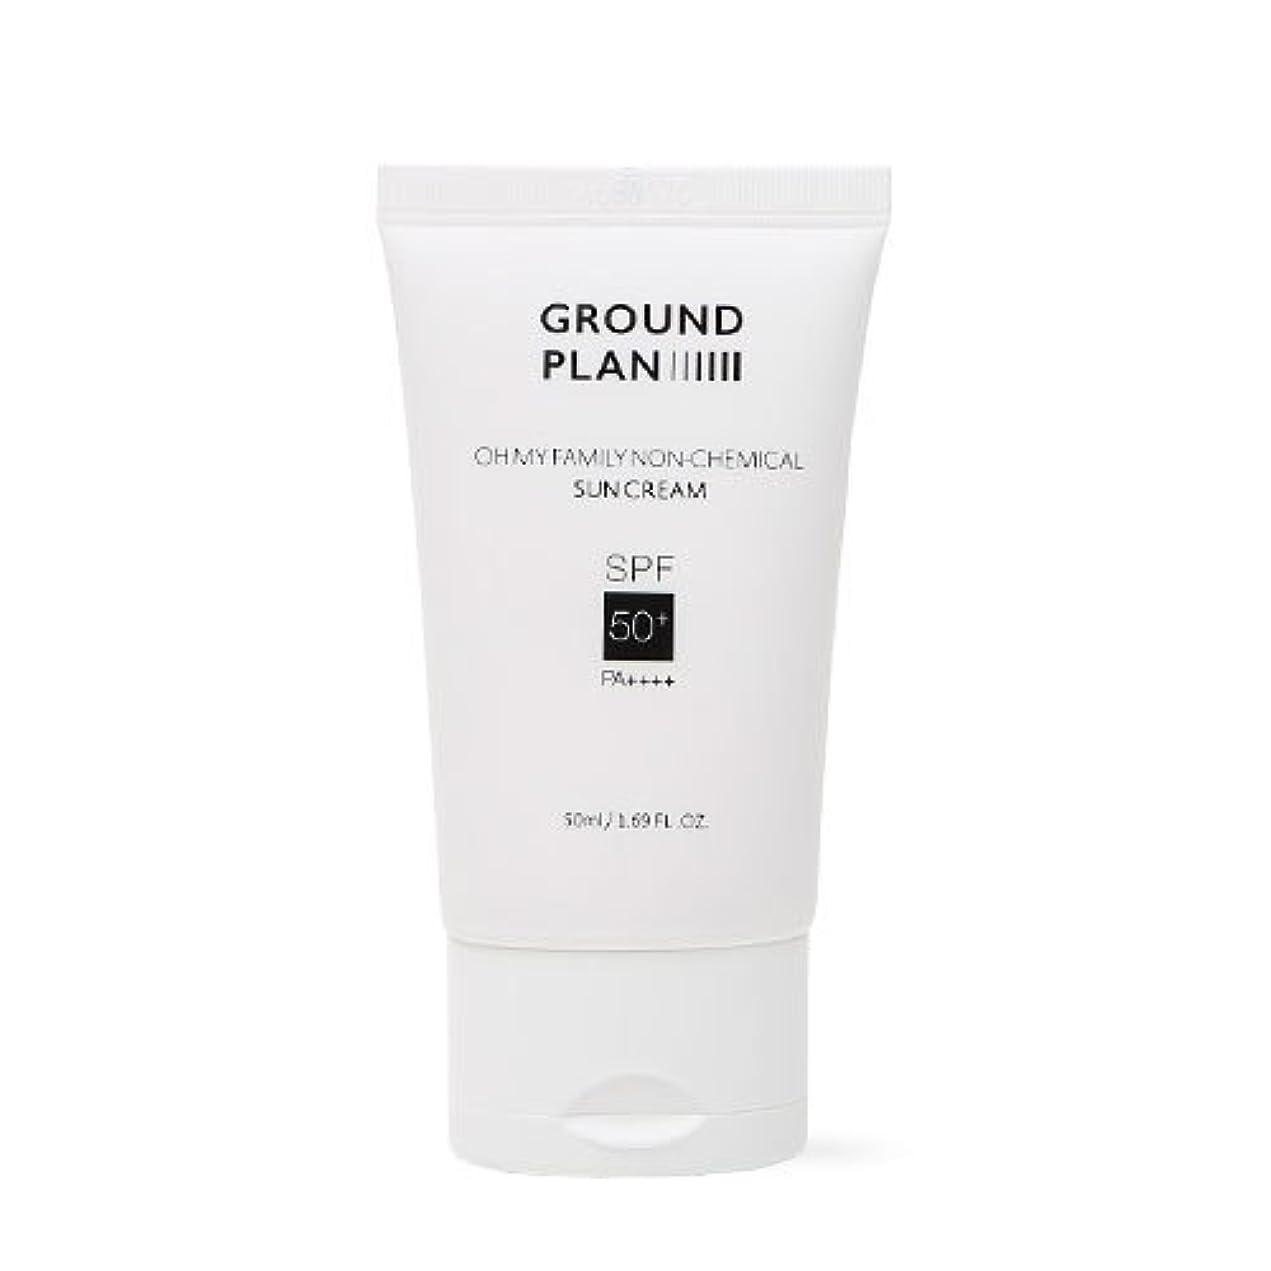 より良いエイリアンイヤホン[GROUND PLAN] Oh My Family Non-Chemical Sun Cream 50ml グラウンドプランファミリーノンケミカルサンクリーム [並行輸入品]